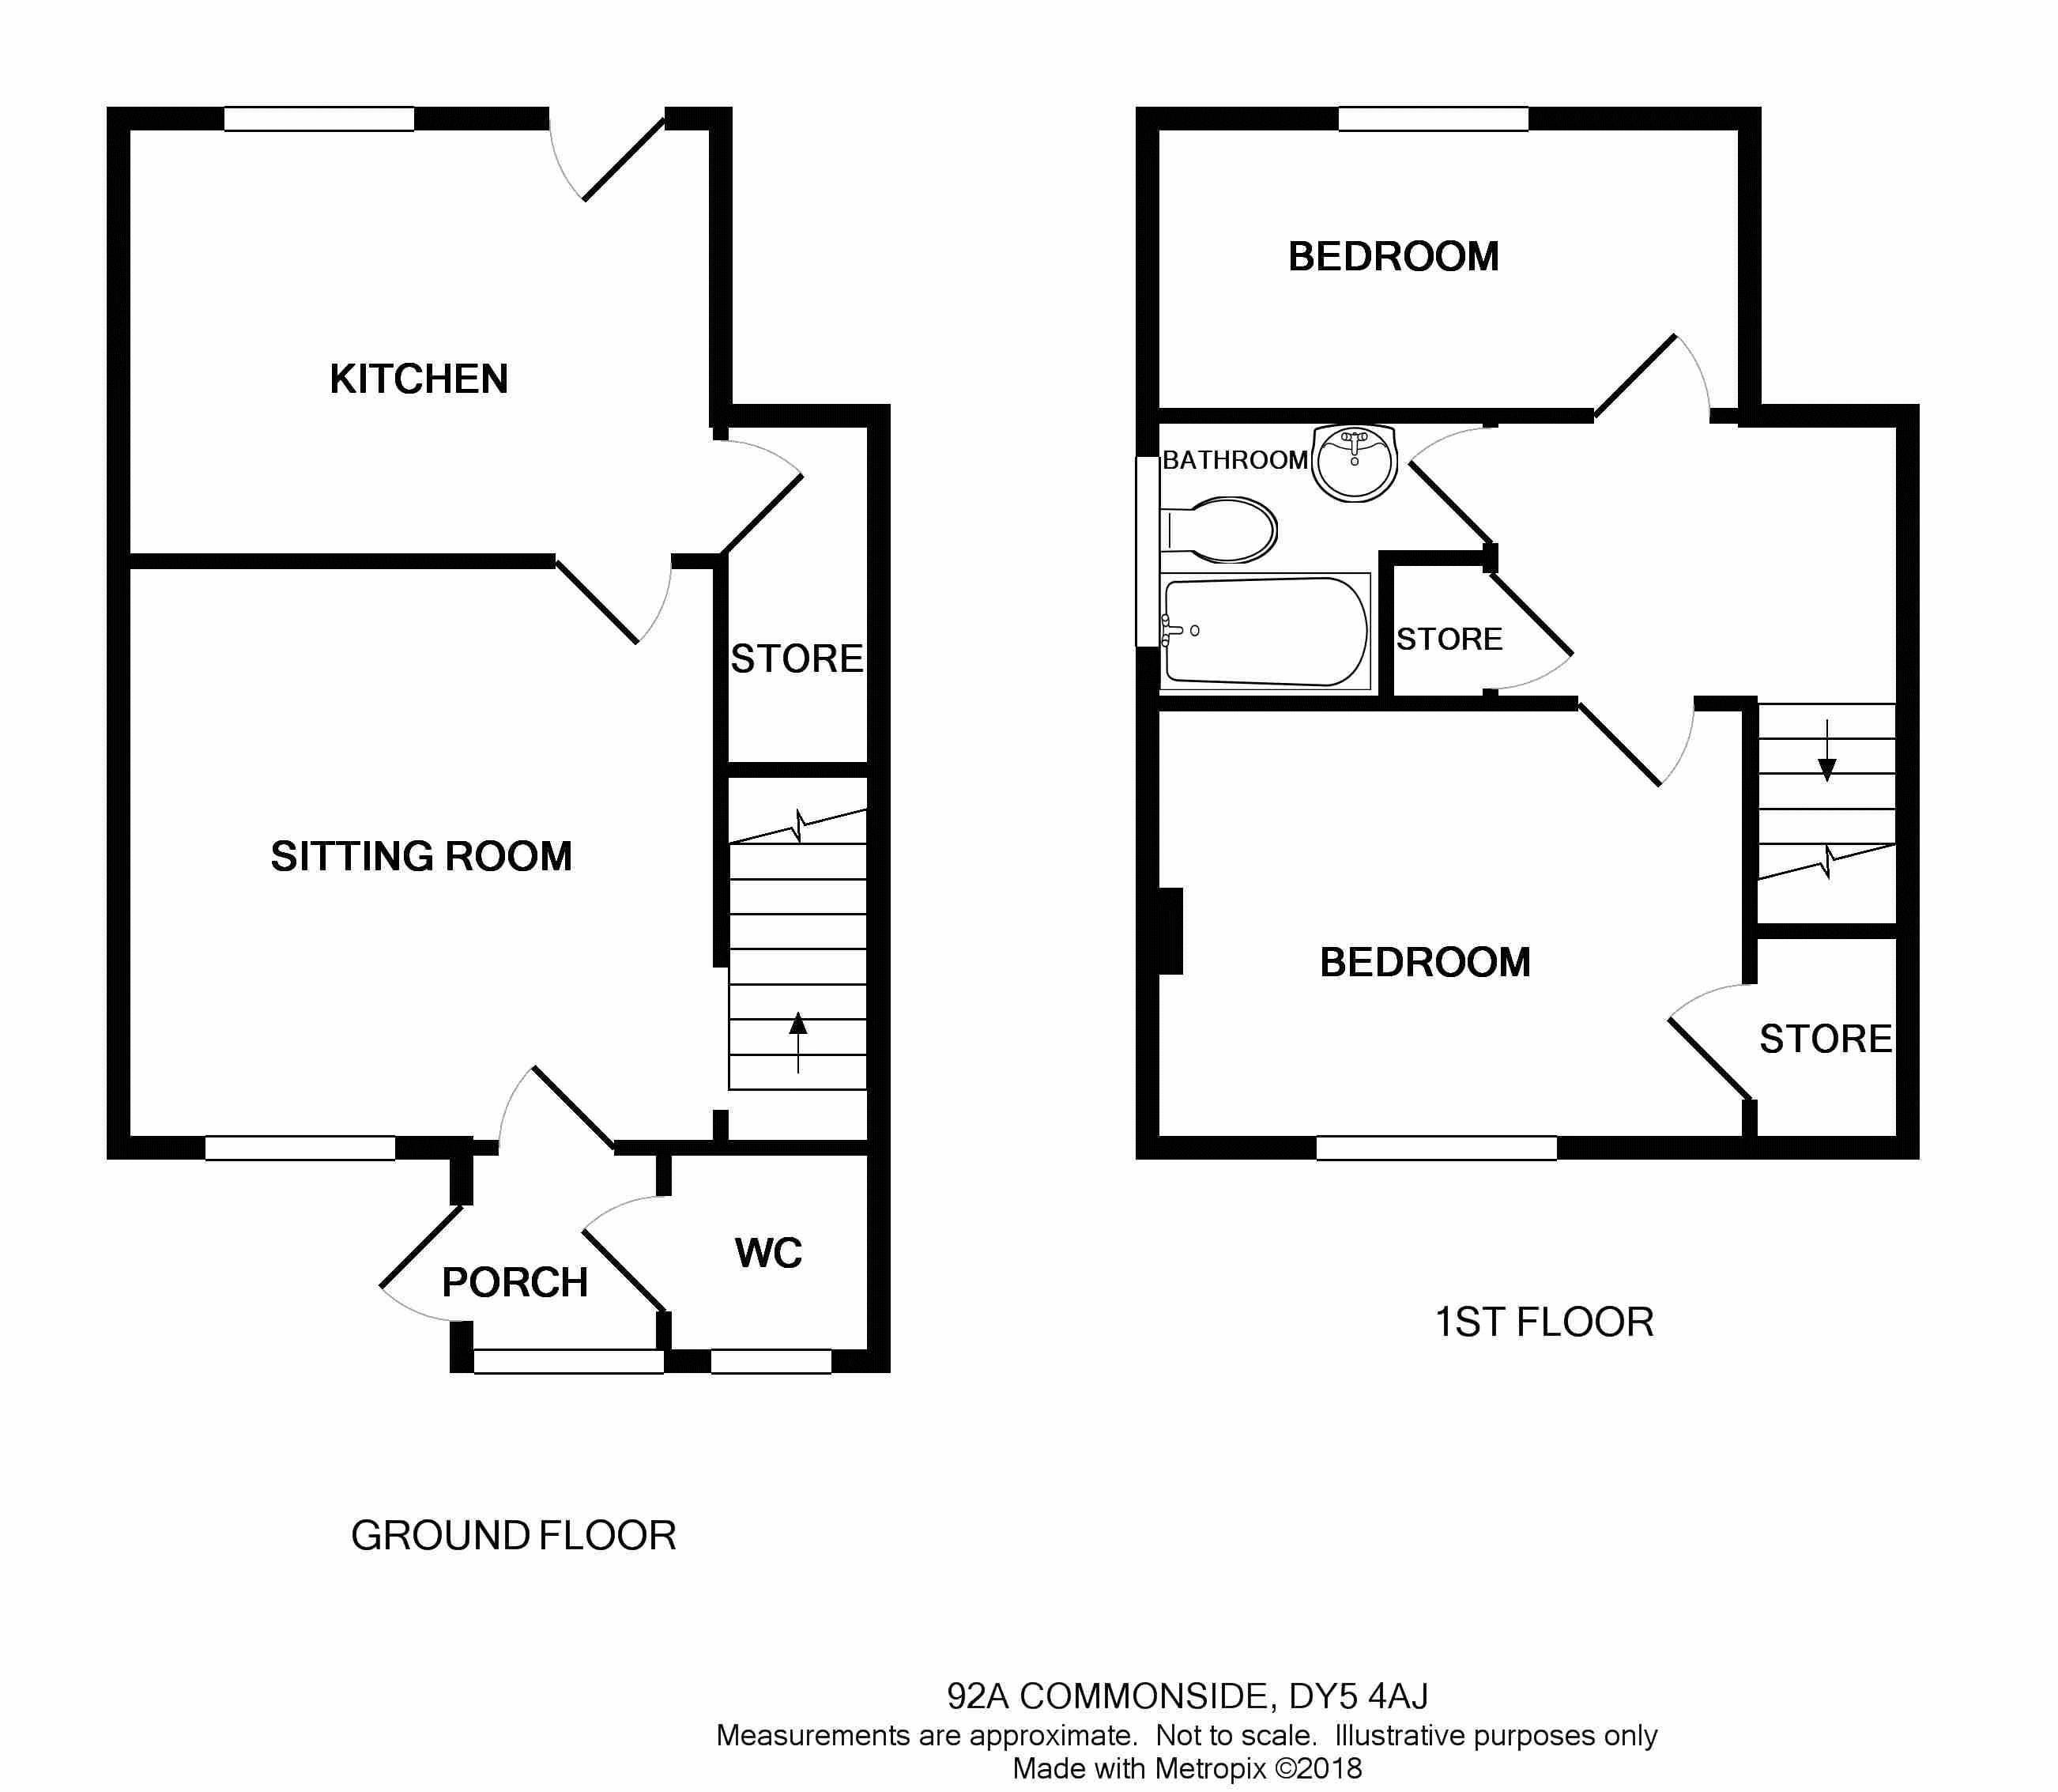 Brierley Hill, Pensnett, Commonside DY5, 2 bedroom semi